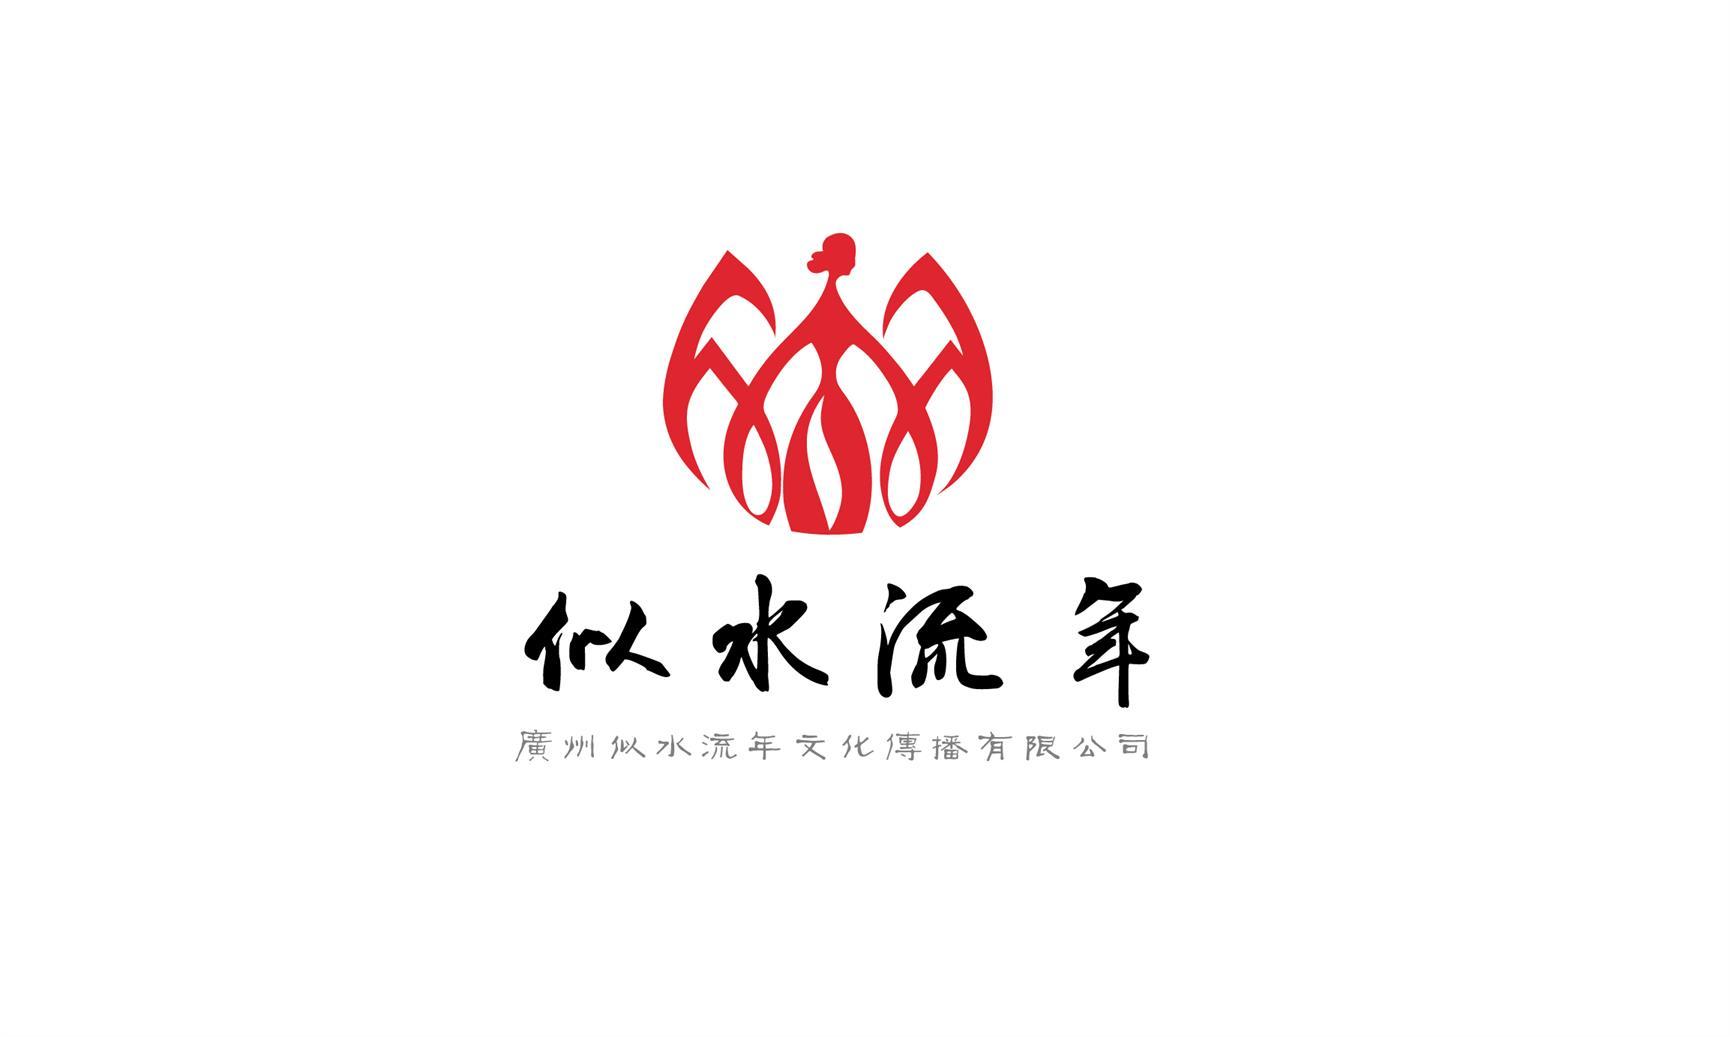 广州似水流年文化传播有限公司